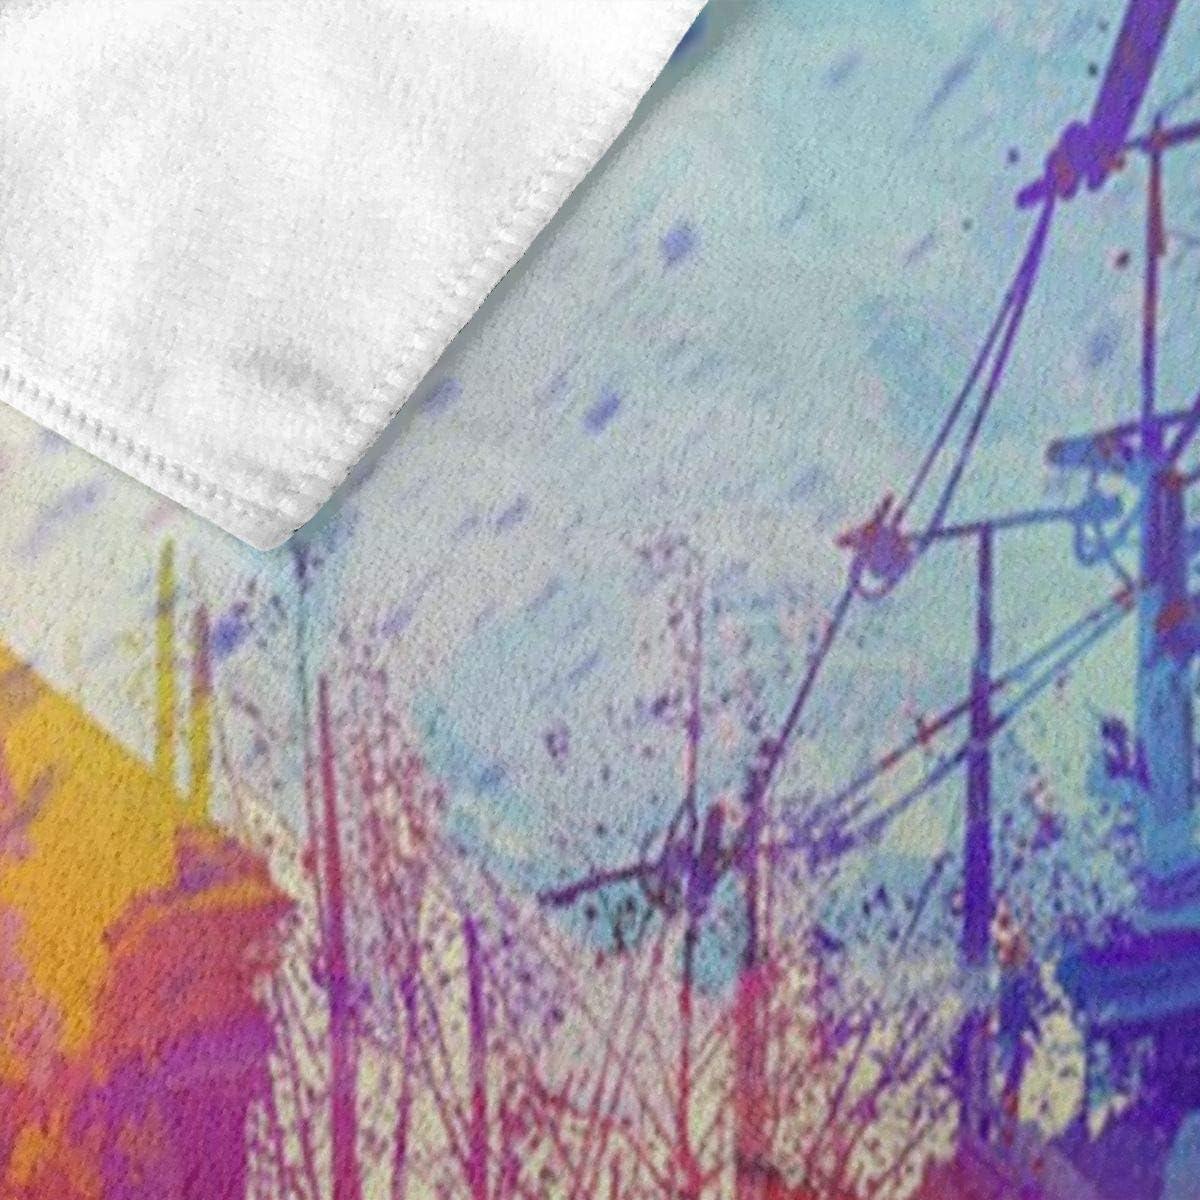 huatongxin Parkour Serviette de Bain Serviette de Plage Serviette de Bain Absorbent Soft 130 x 80 cm